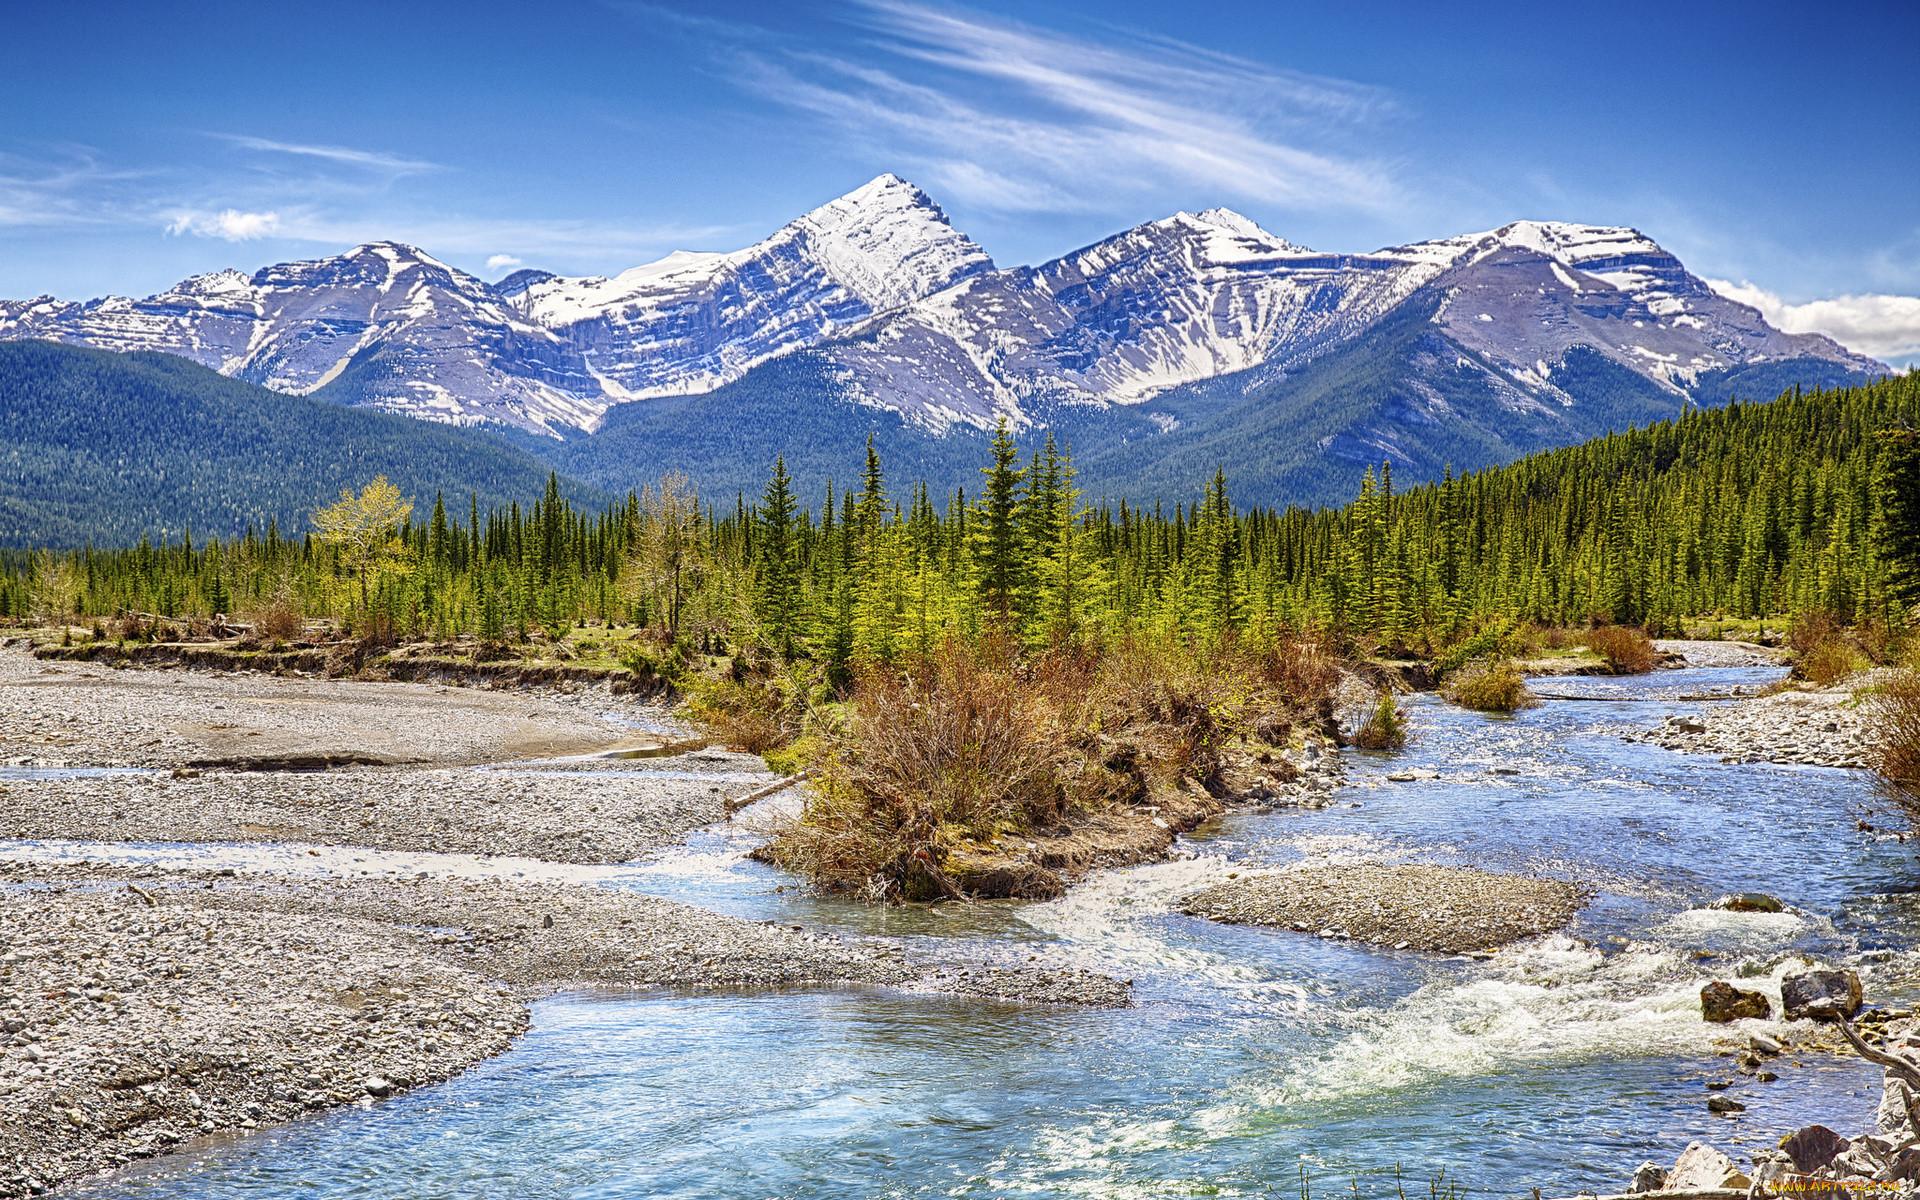 природа, реки, озера, река, лес, горы